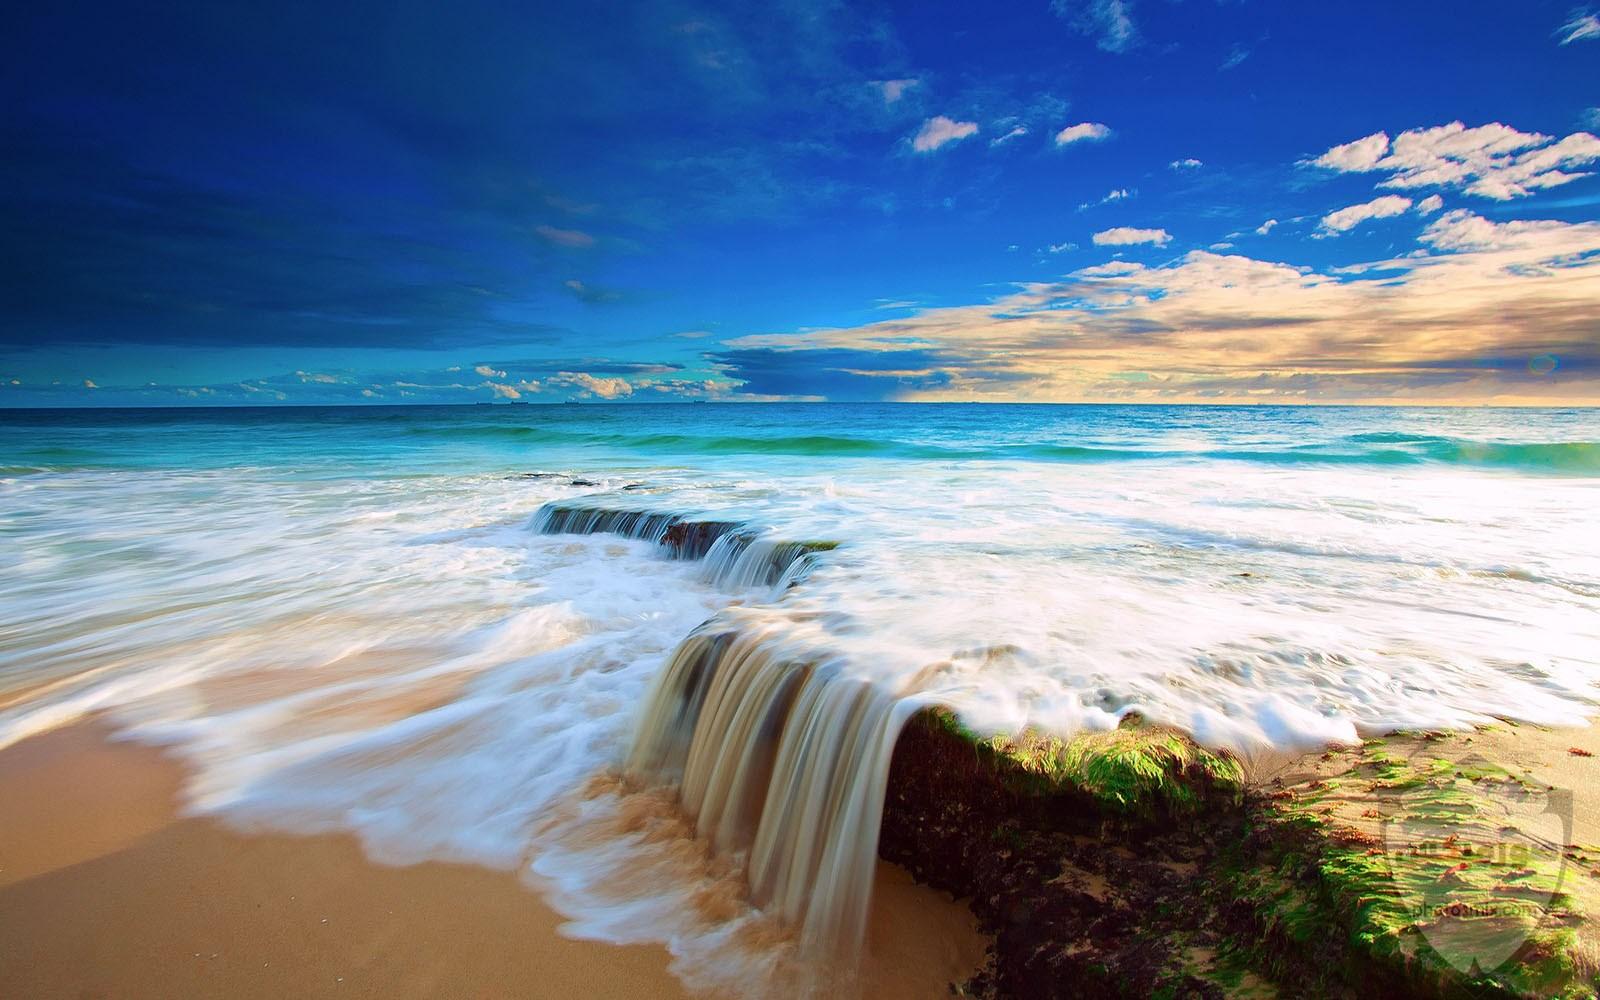 صور شواطئ جميلةصور بحار جميلةصور طبيعية 3